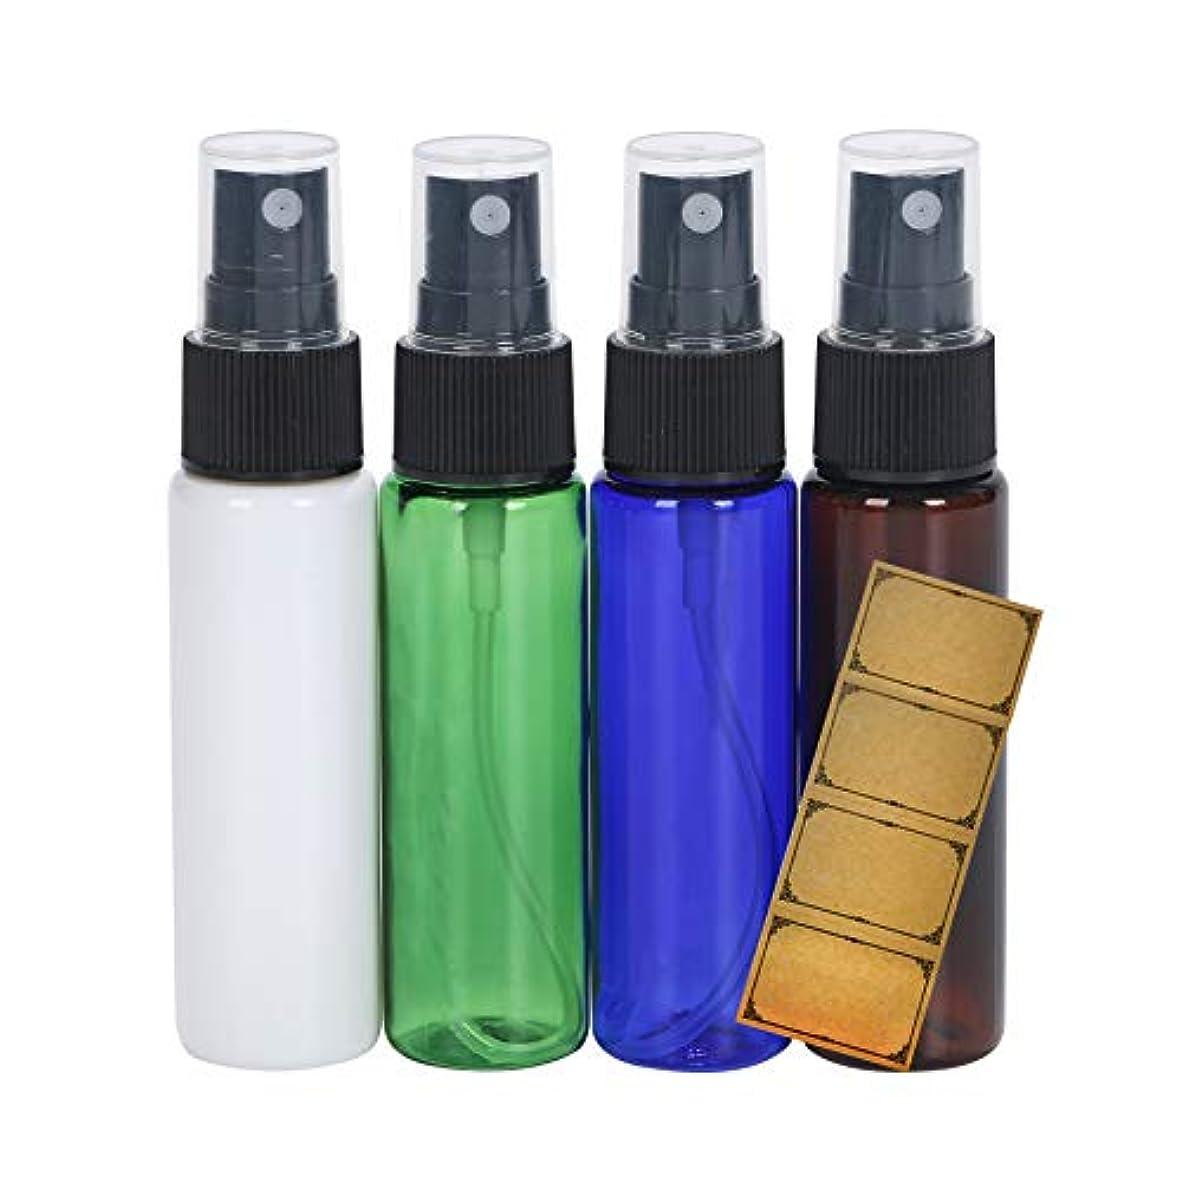 ロイヤリティリアル答えスプレーボトル 30ml 4本 オリジナルラベルシール付き 遮光 PET製 (4色(青、緑、茶、白))